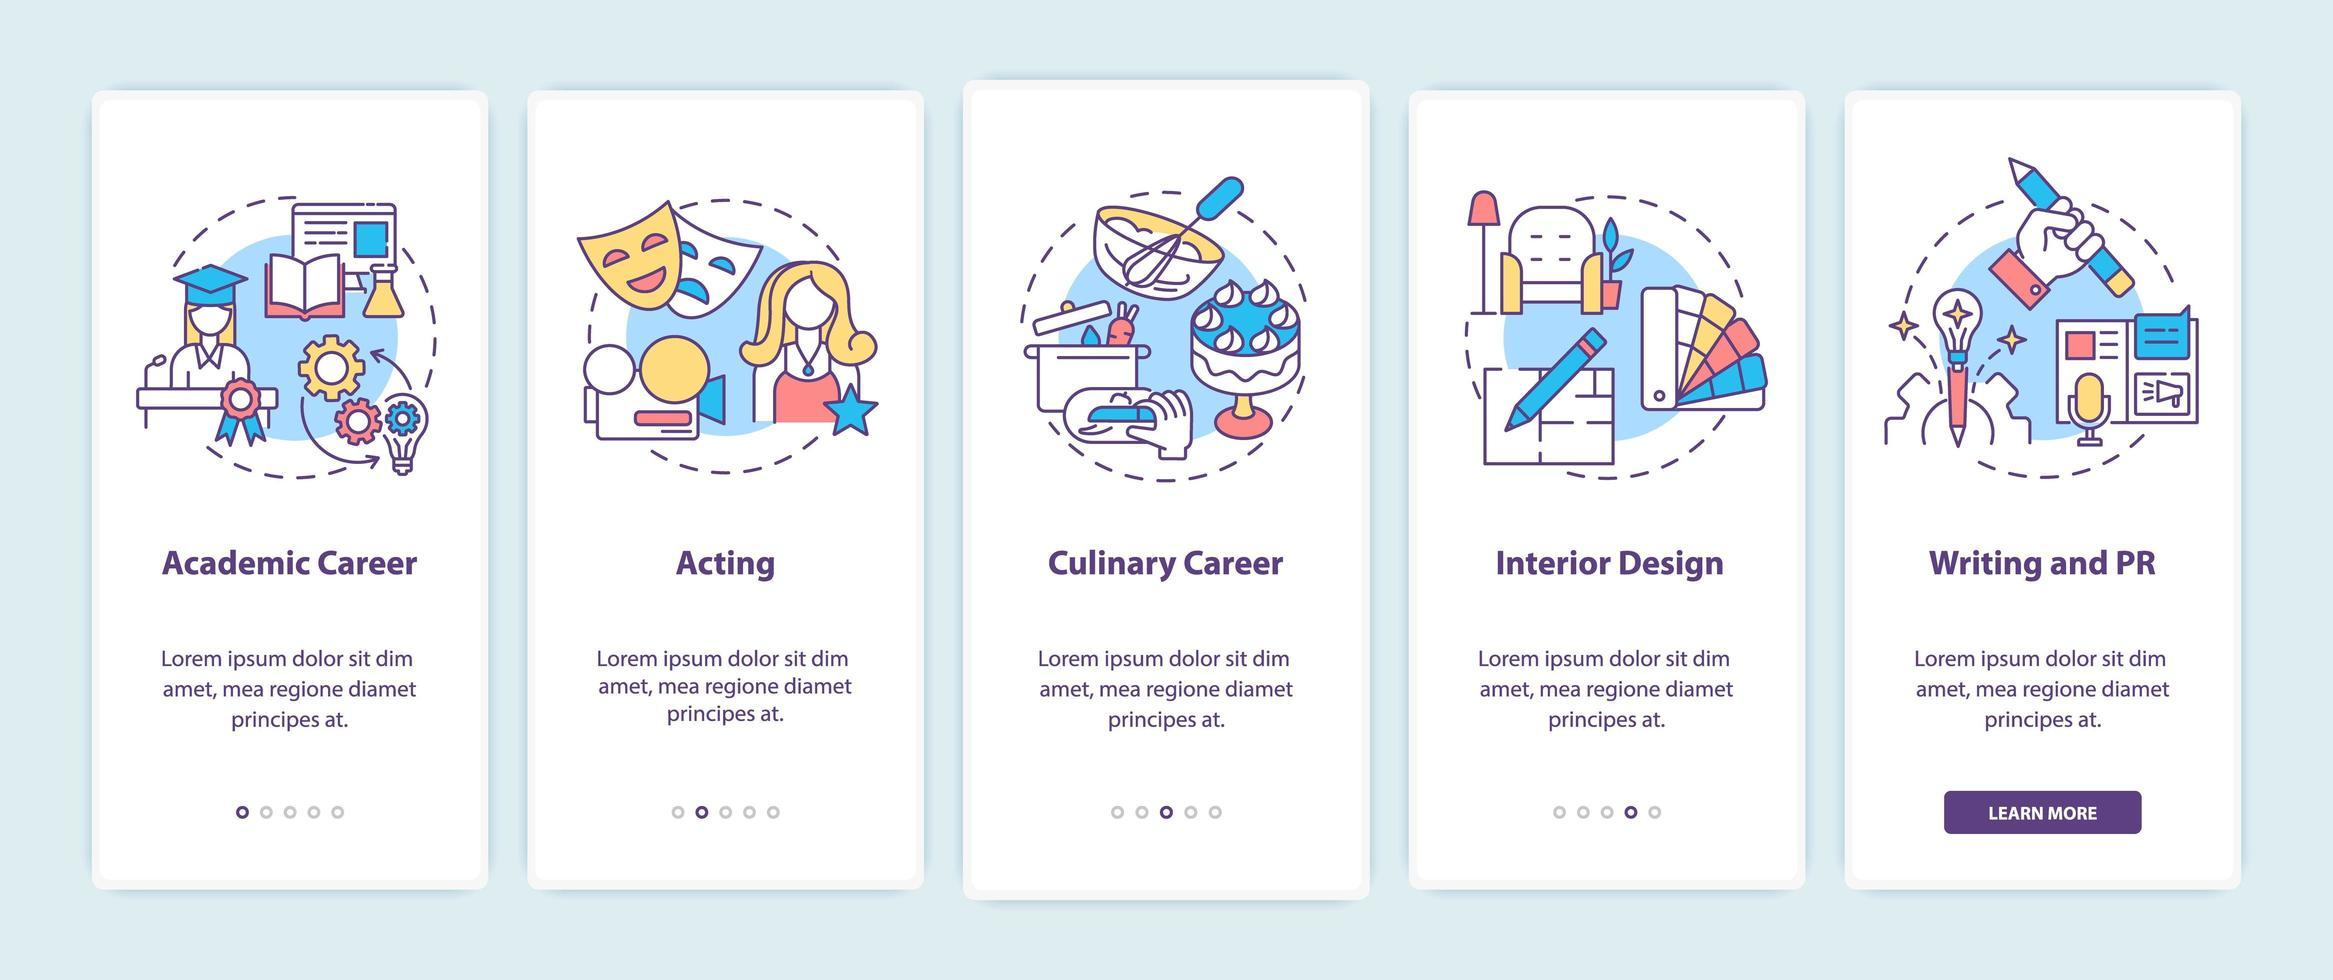 le migliori carriere per pensatori creativi che stanno iniziando l'app mobile vettore